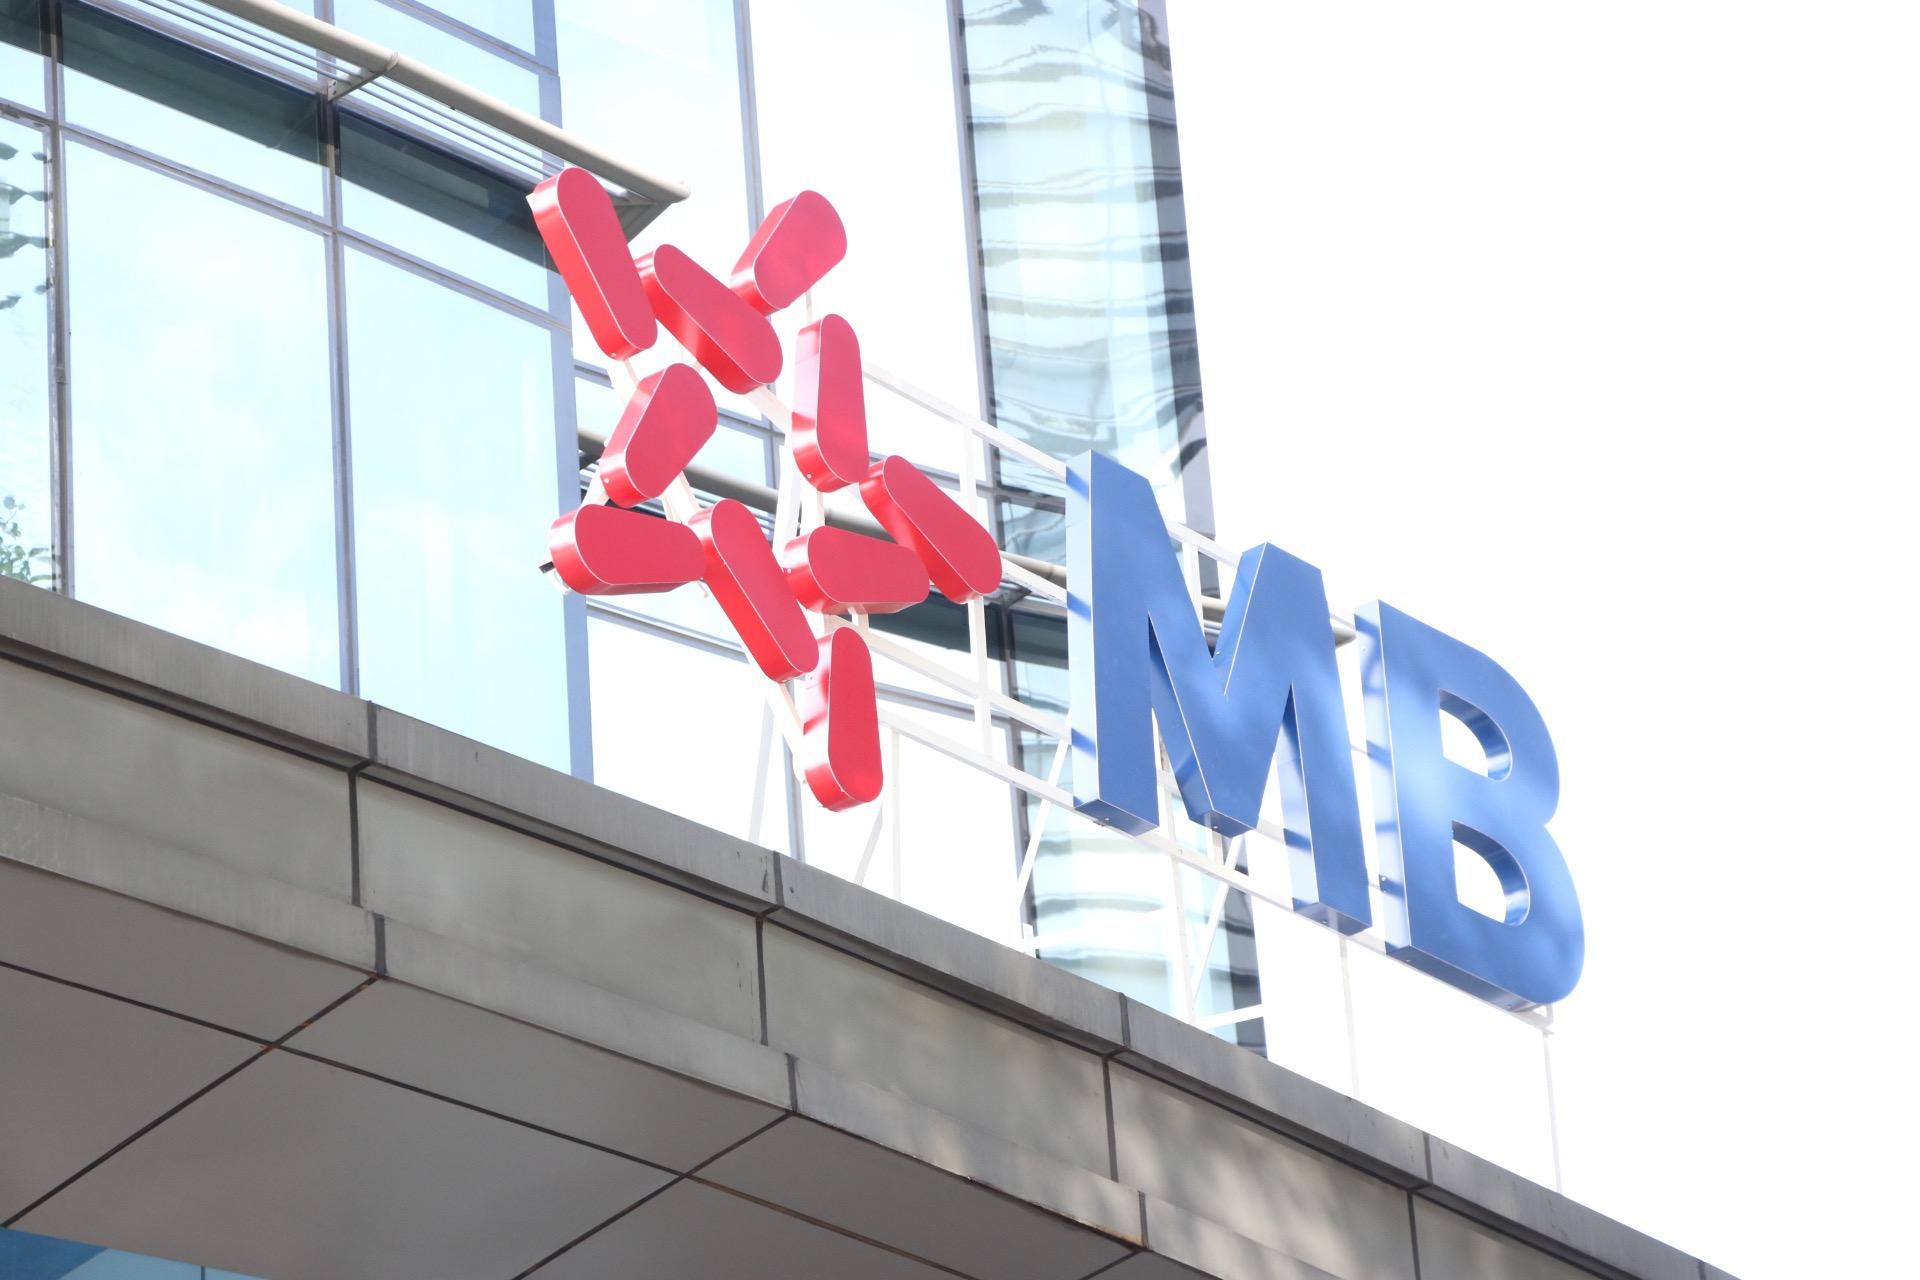 MB chuẩn bị chia cổ tức bằng cổ phiếu tỷ lệ 35% - Ảnh 1.